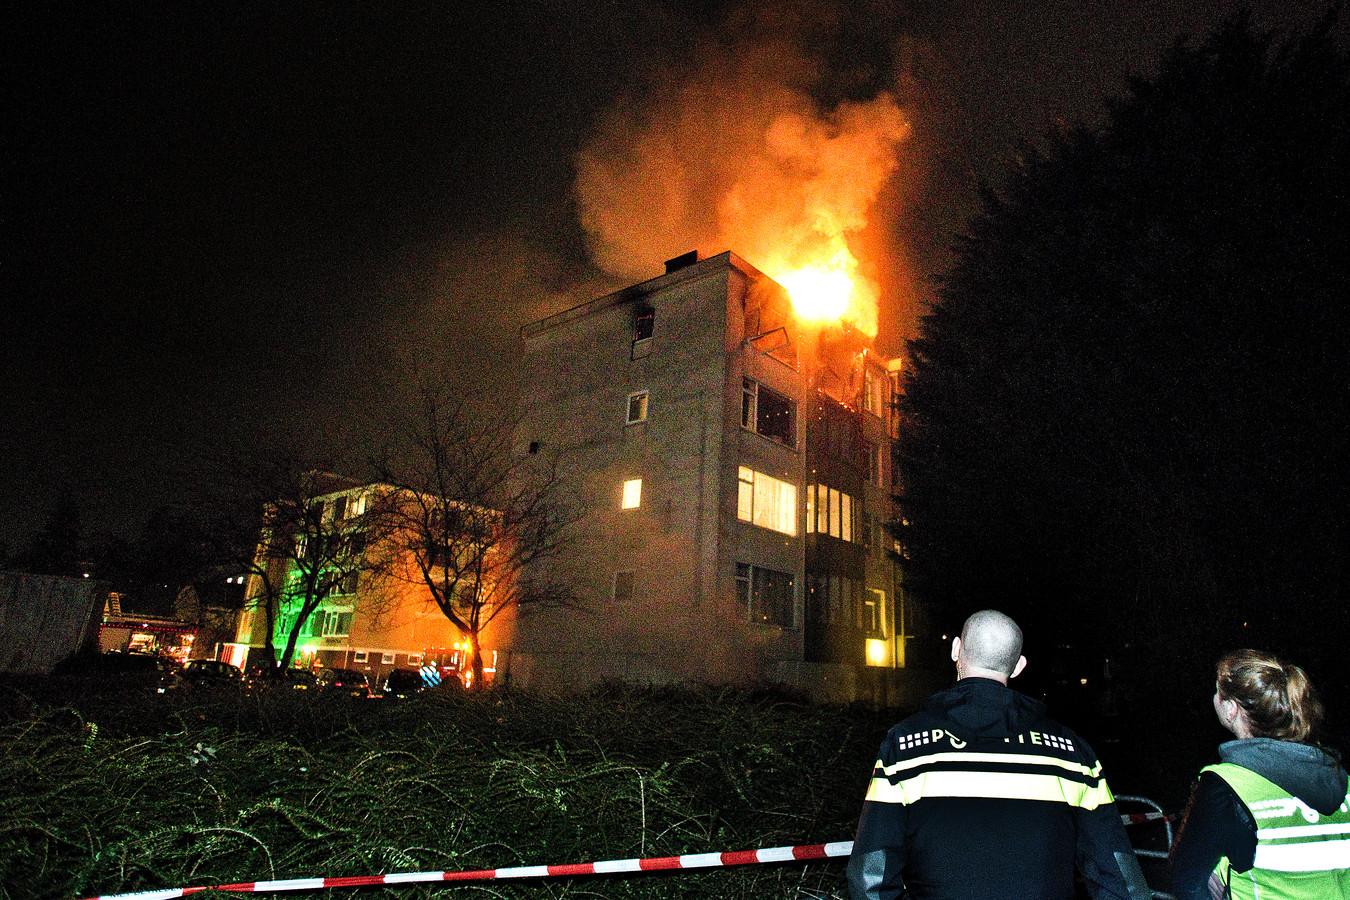 De woning in de portiekflat brandde volledig uit. De vier aanwezigen konden op tijd wegkomen. De flats worden momenteel gesloopt als laatste onderdeel van de facelift van de Colijnstraat en omgeving.